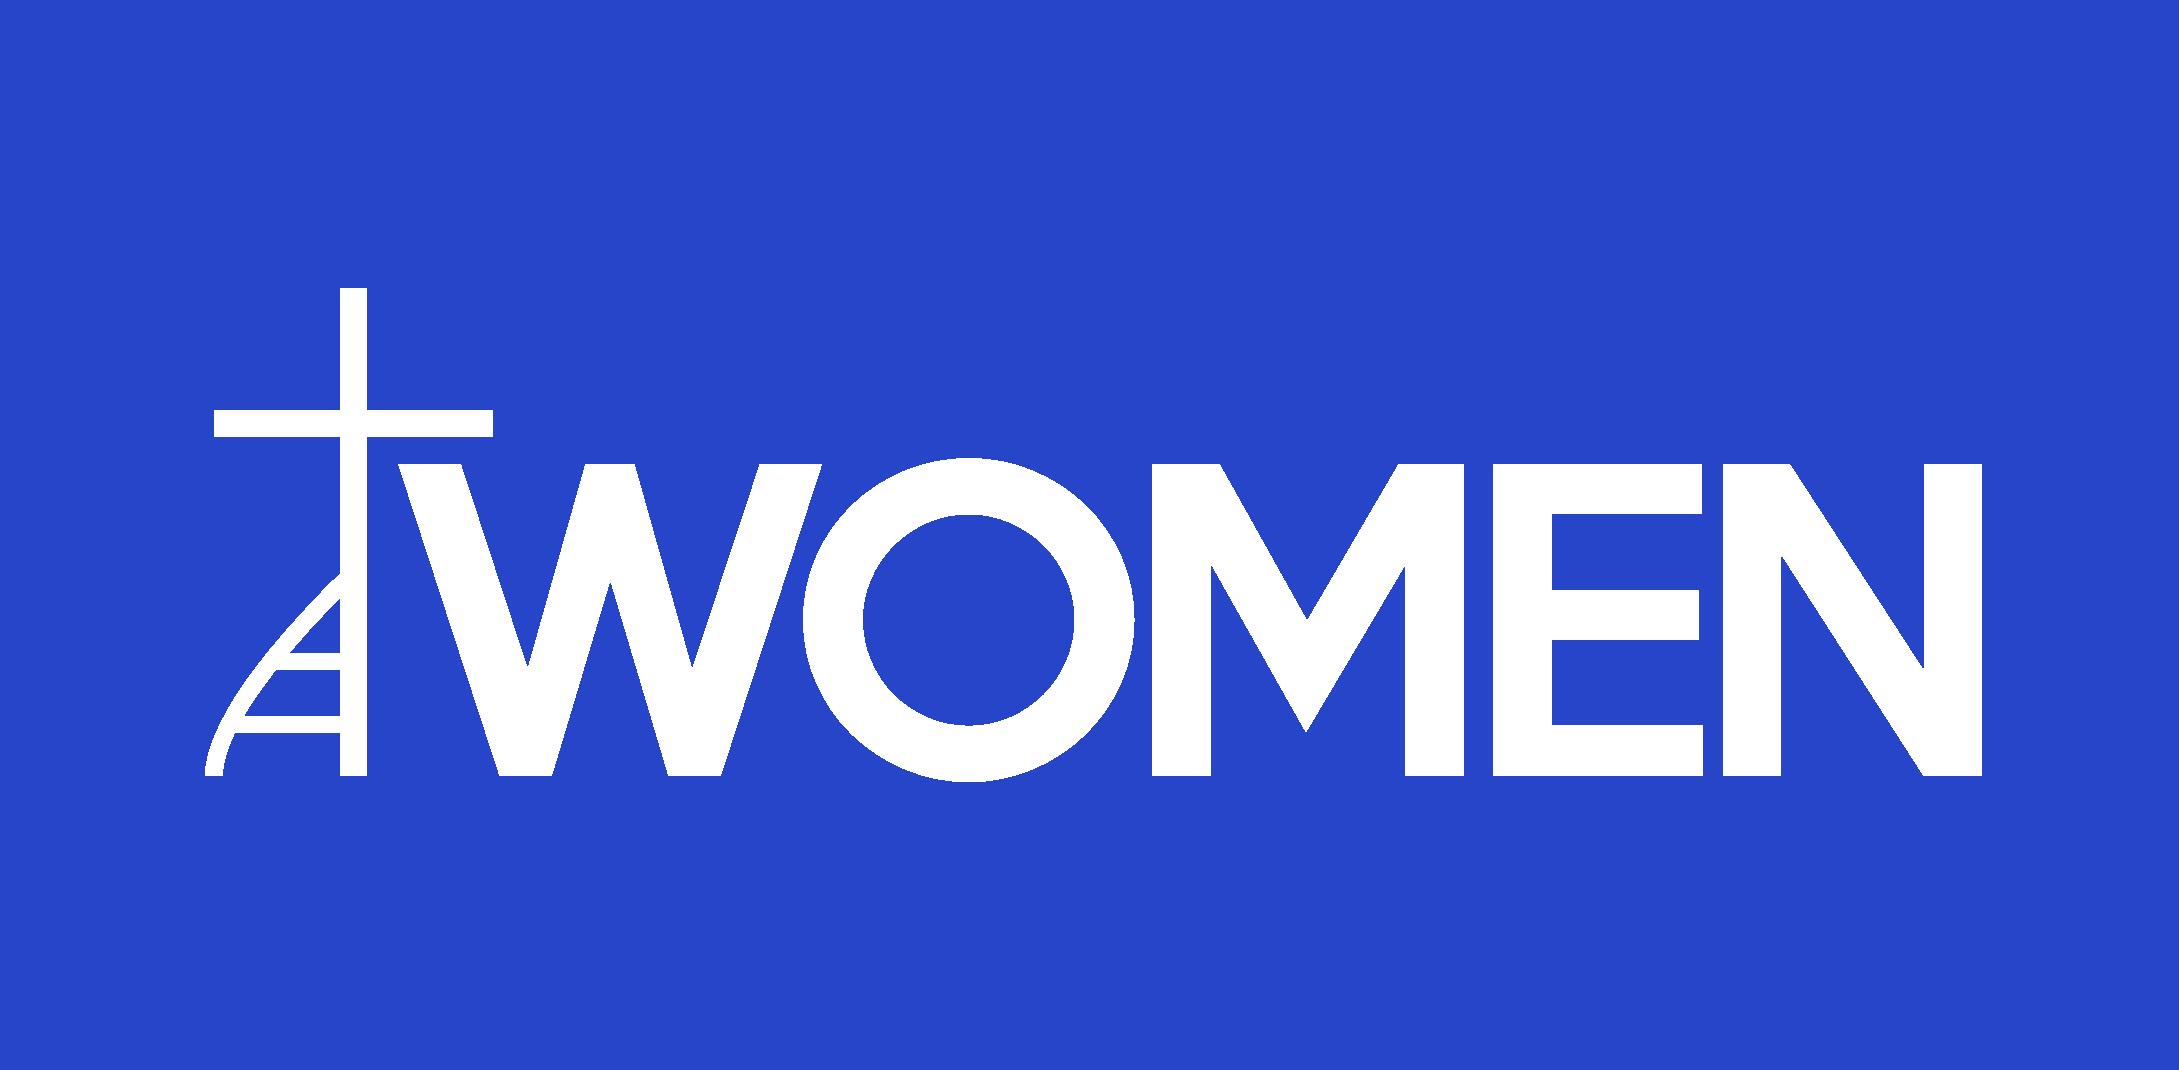 Women.png